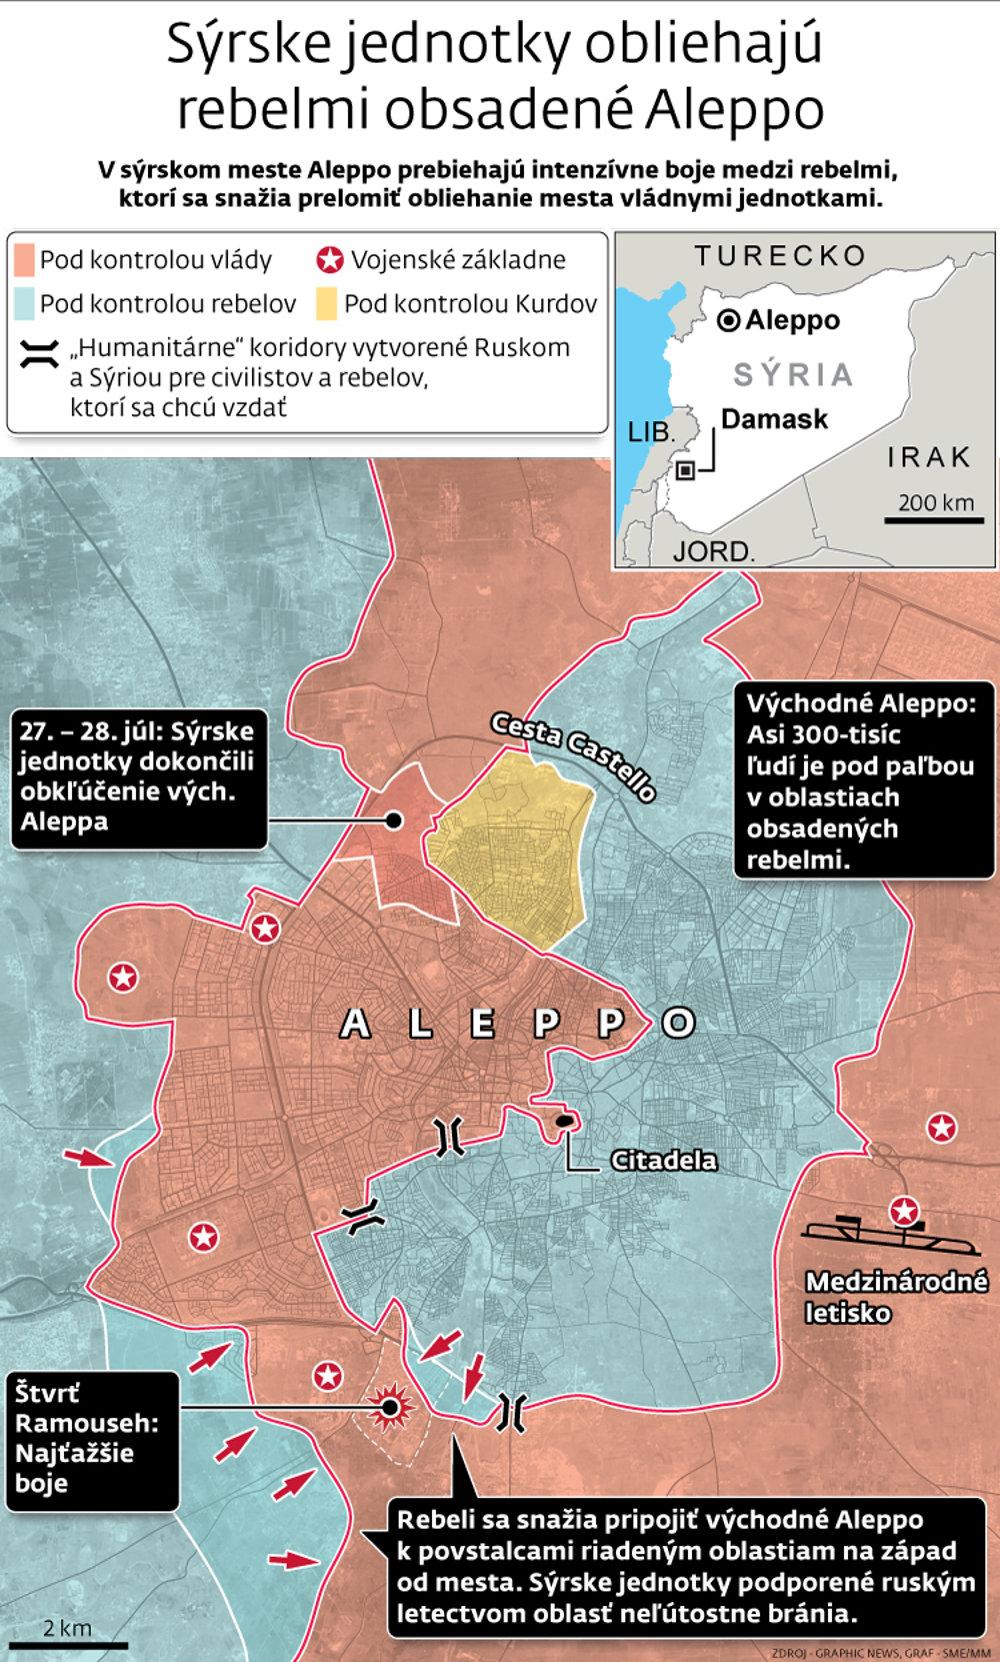 Obliehanie Aleppa.